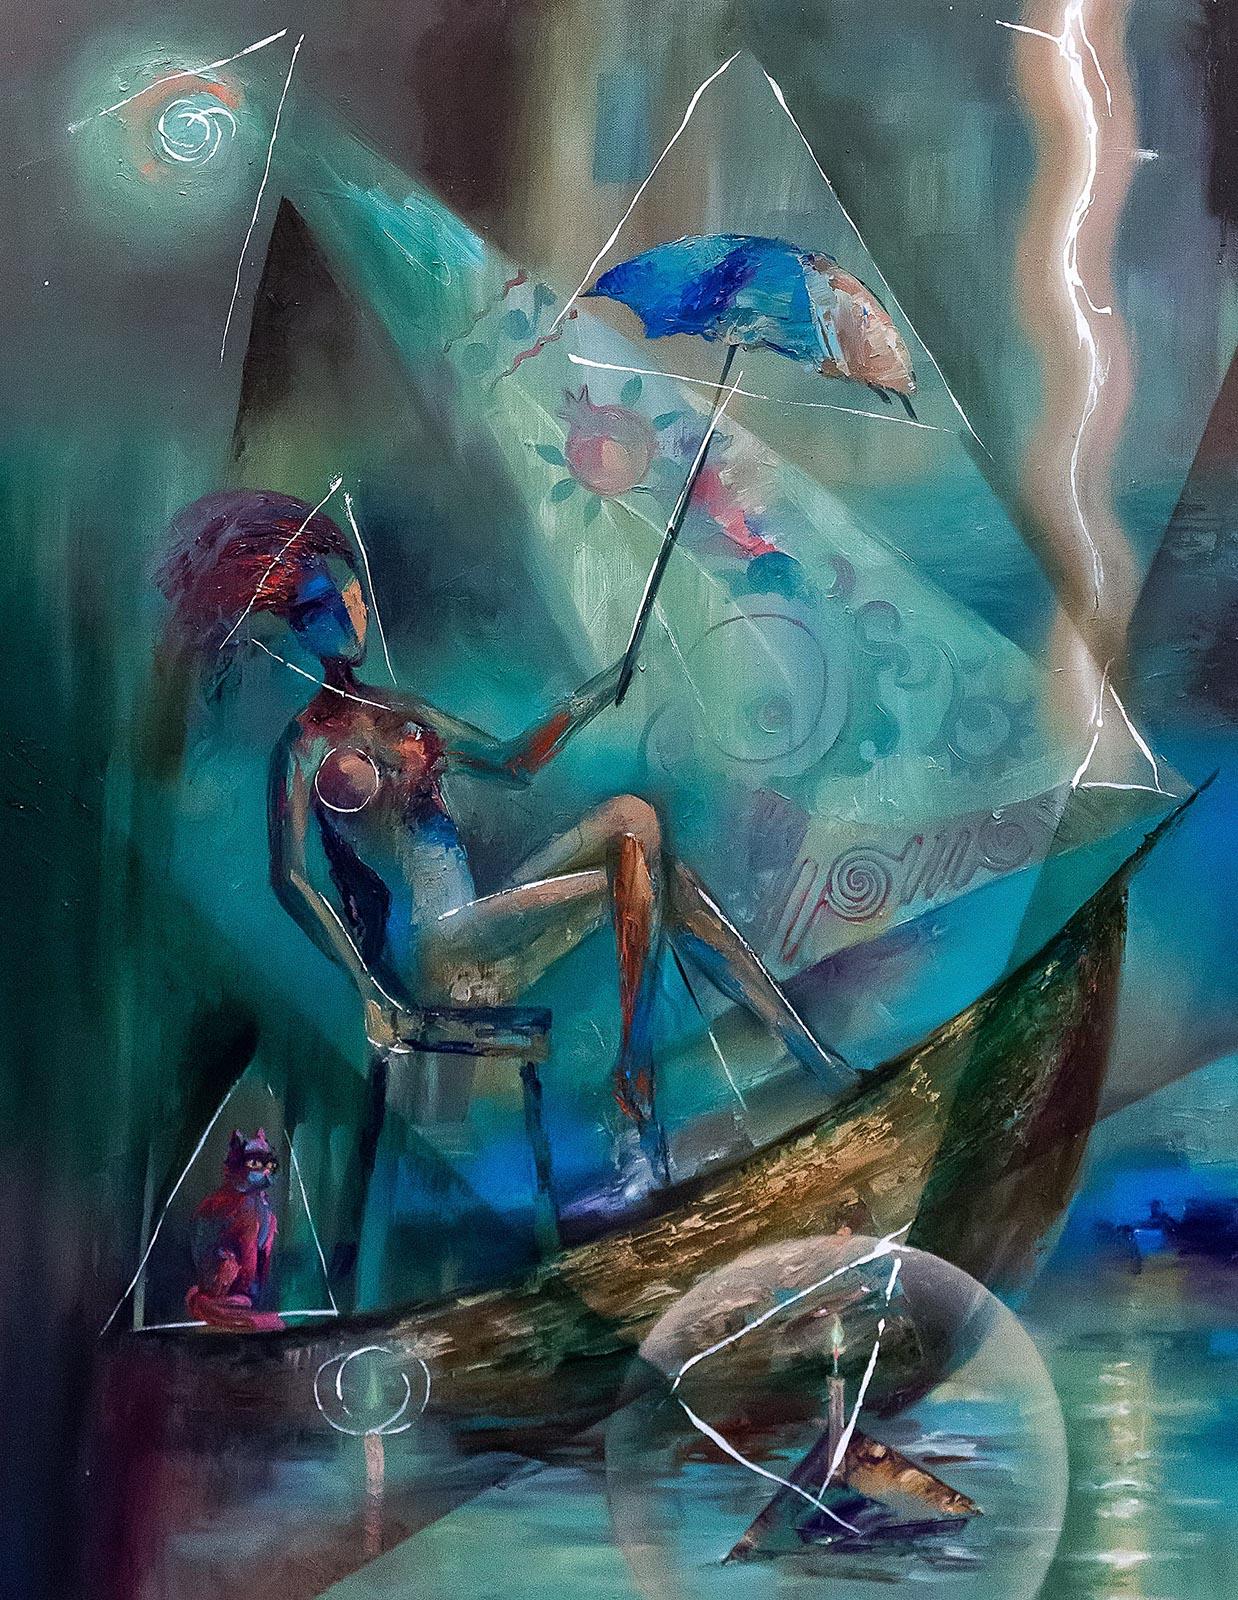 Фото №220002. Девушка с зонтиком. Валерий Поваринис